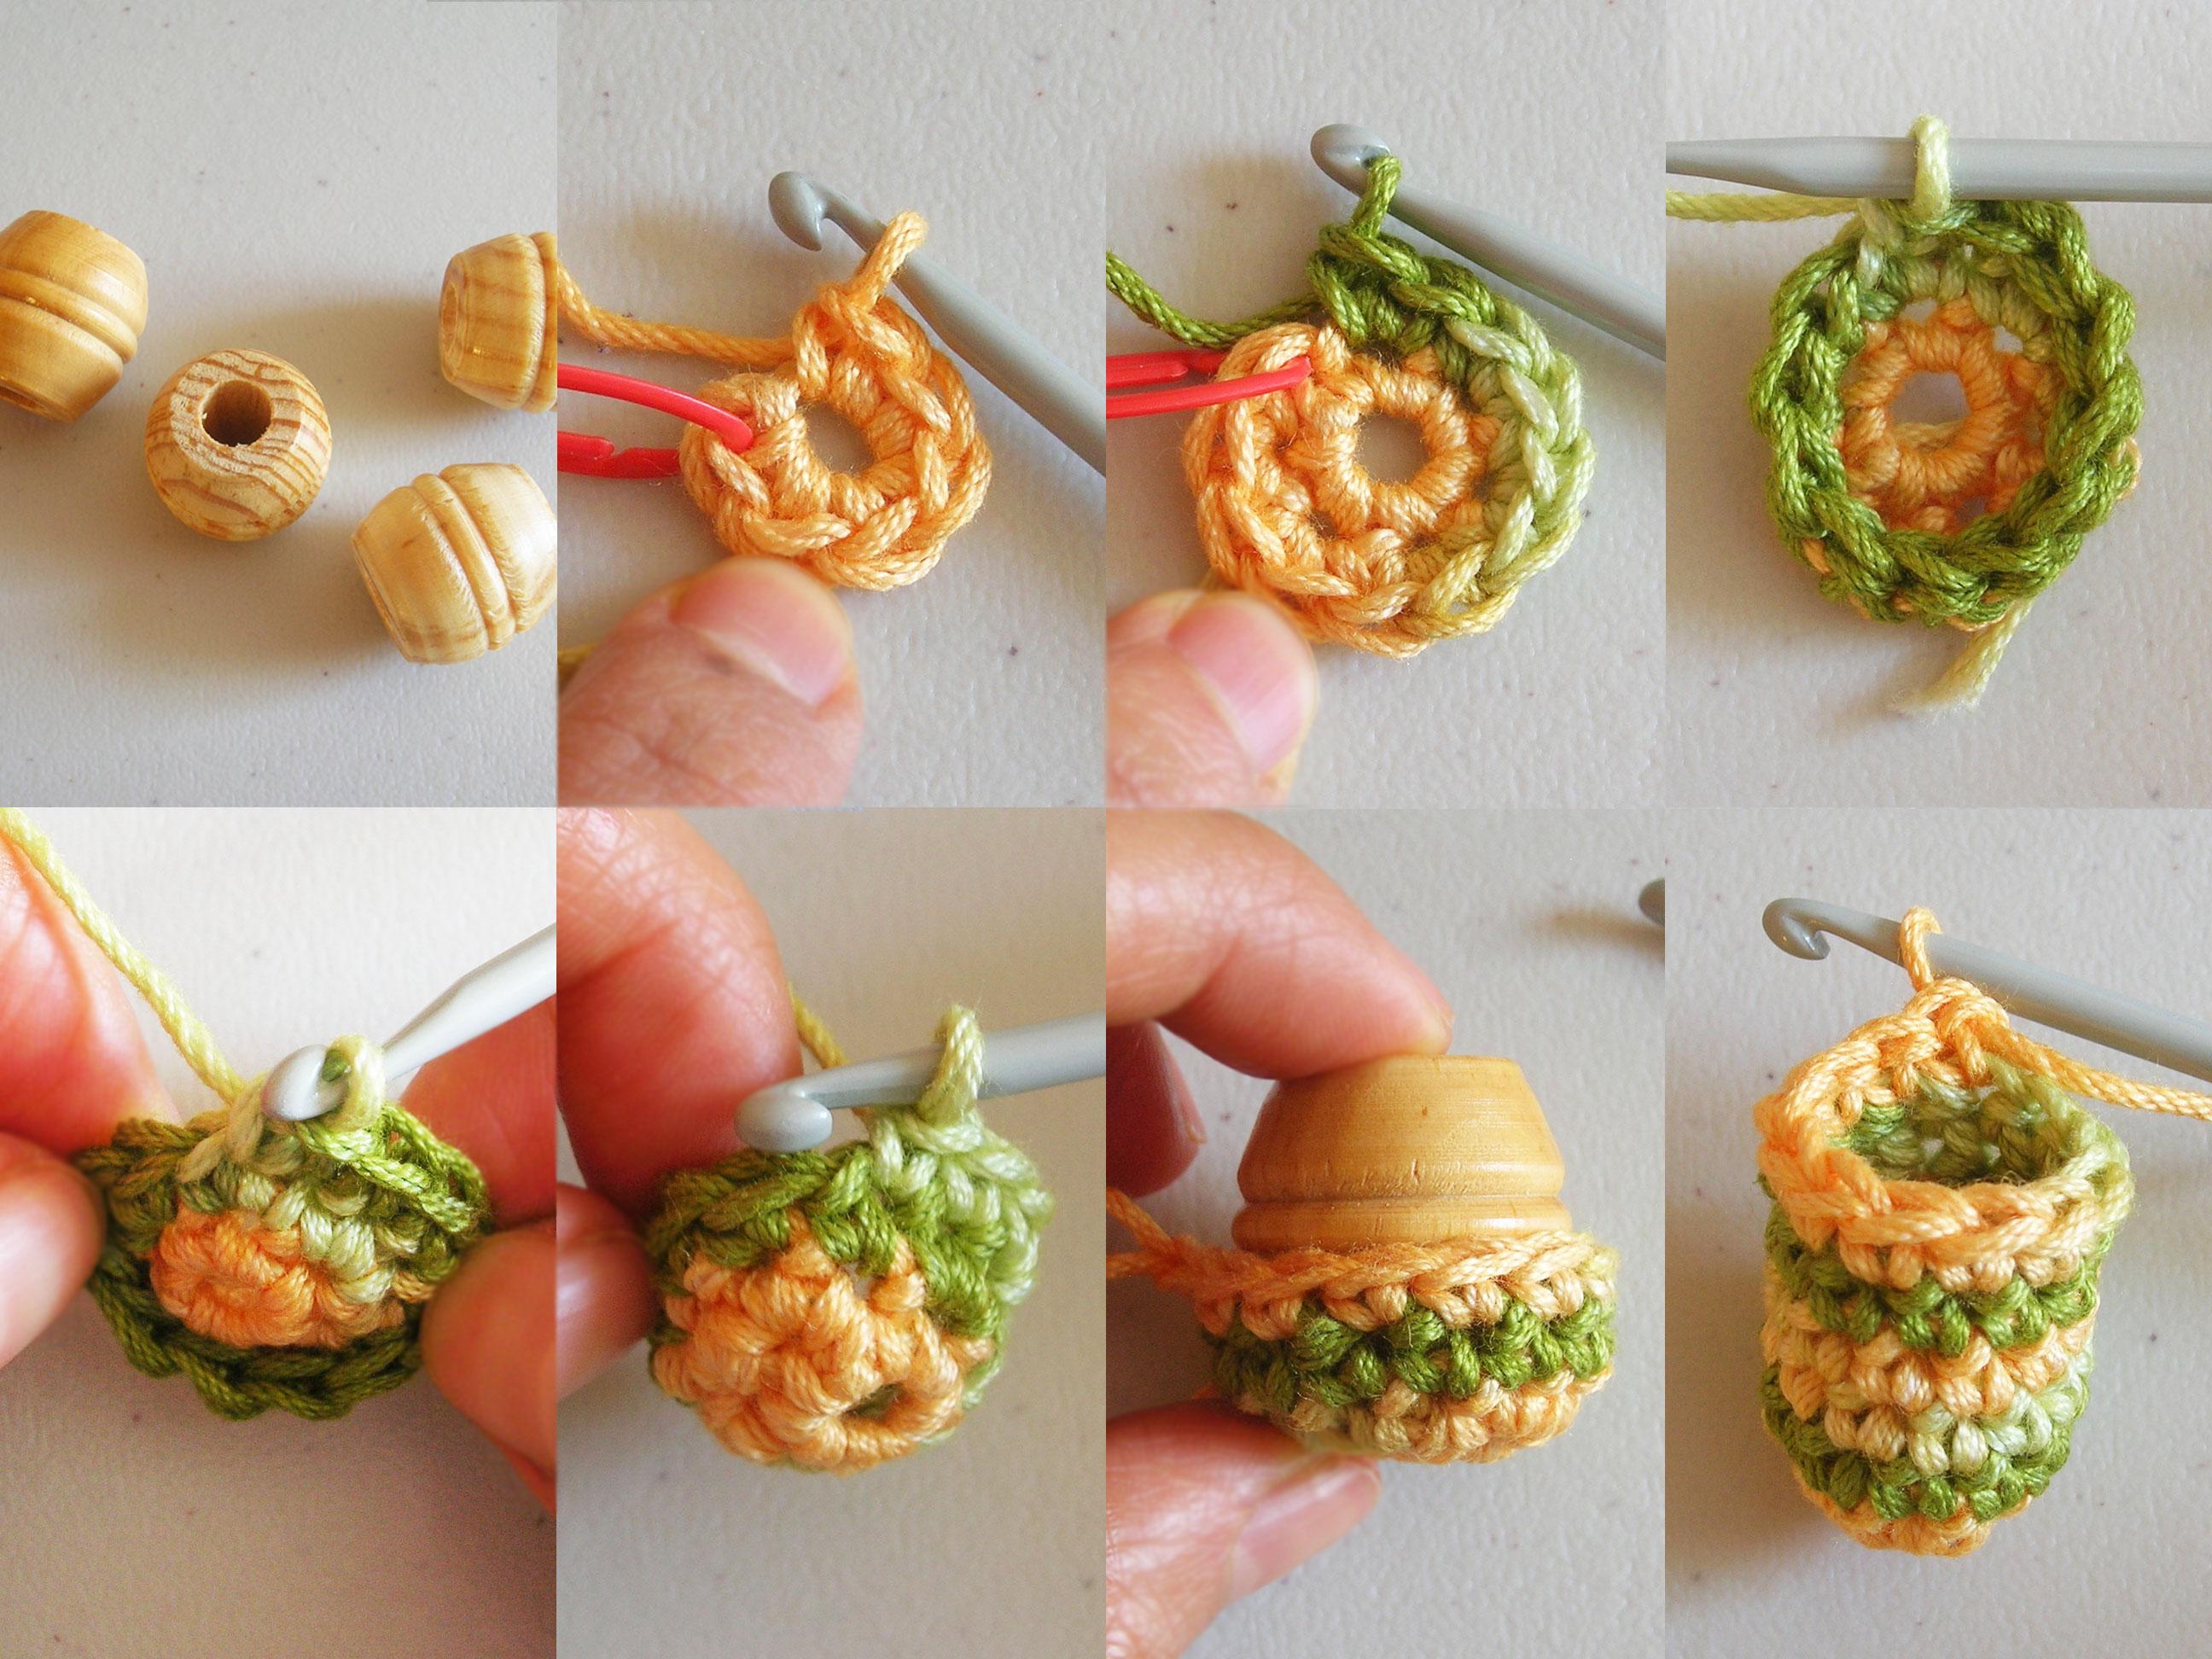 Crochet beads\' necklace/ Collar de cuentas tejidas